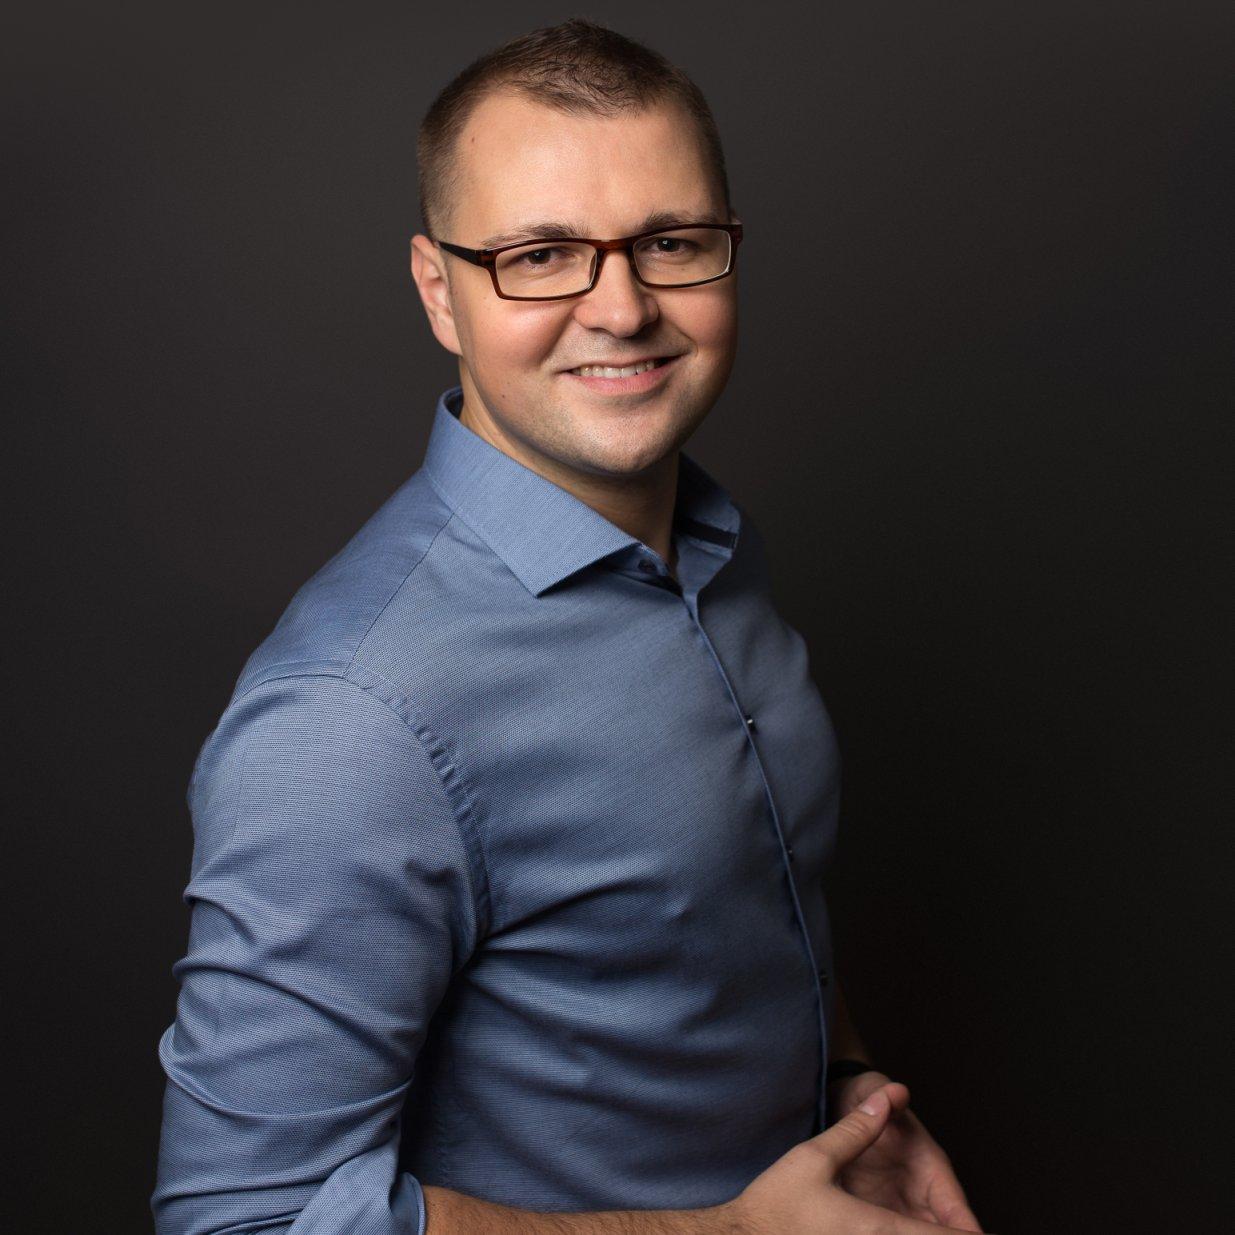 http://konferencja.alphapolska.org/wp-content/uploads/2019/09/2019_Karol_Sobczyk.jpg